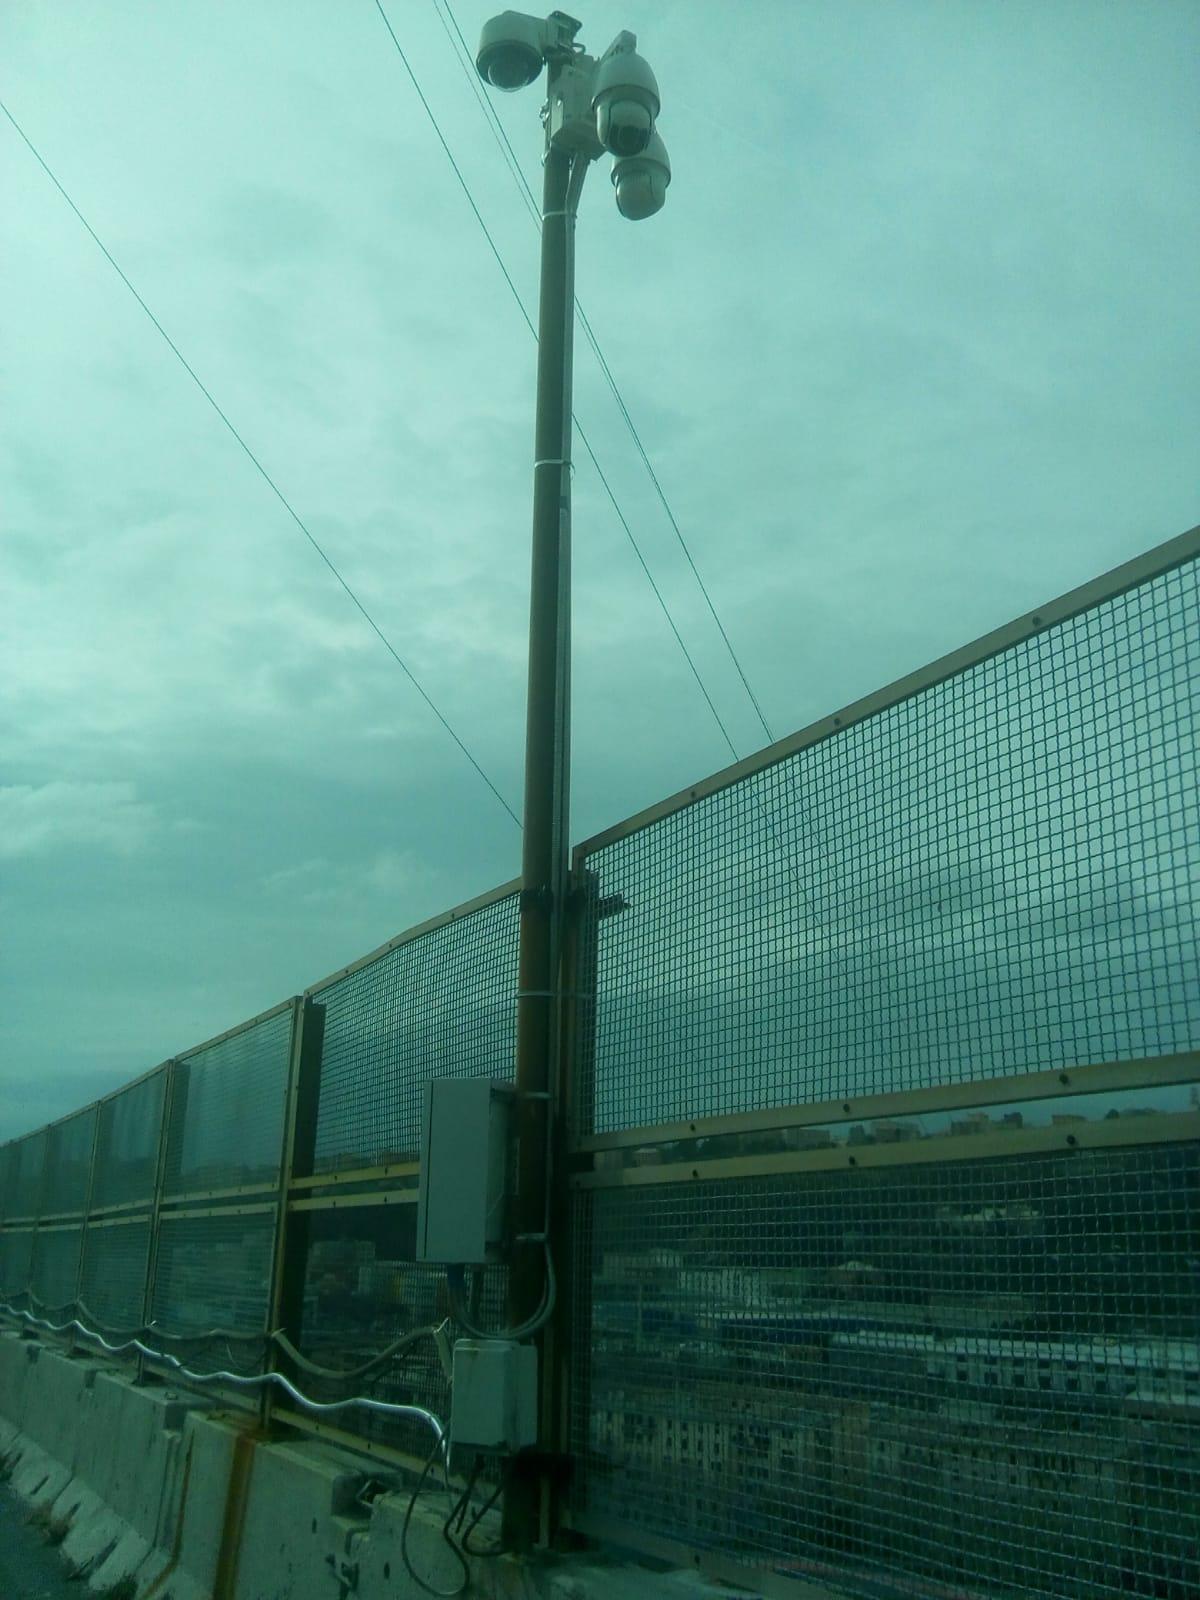 Autostrade Spa – installazione di telecamere per controllo e monitoraggio traffico lungo le tratte autostradali